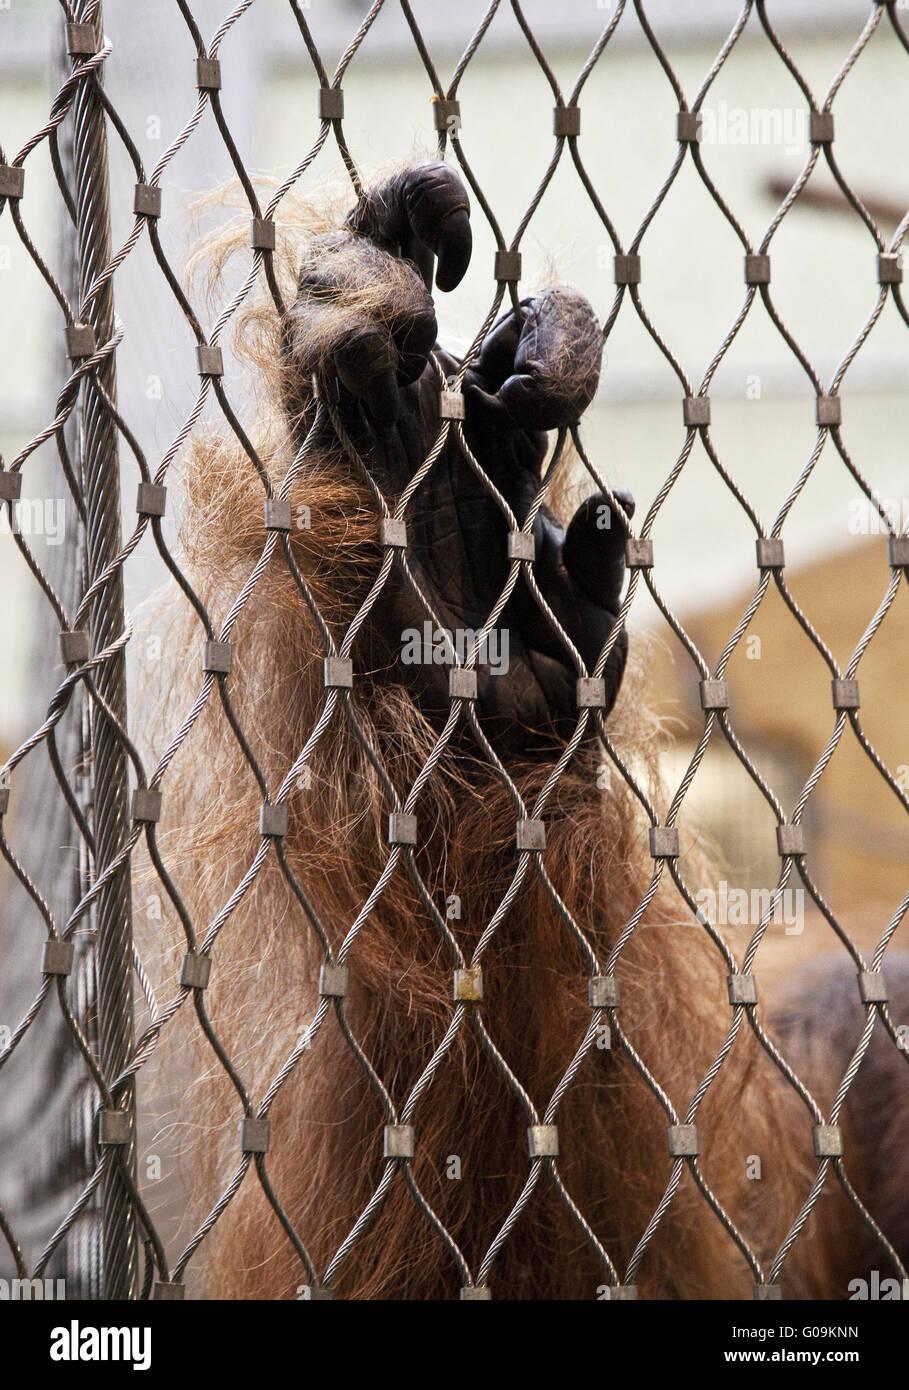 La mano di un gorilla allo zoo, Dortmund, Germania. Immagini Stock